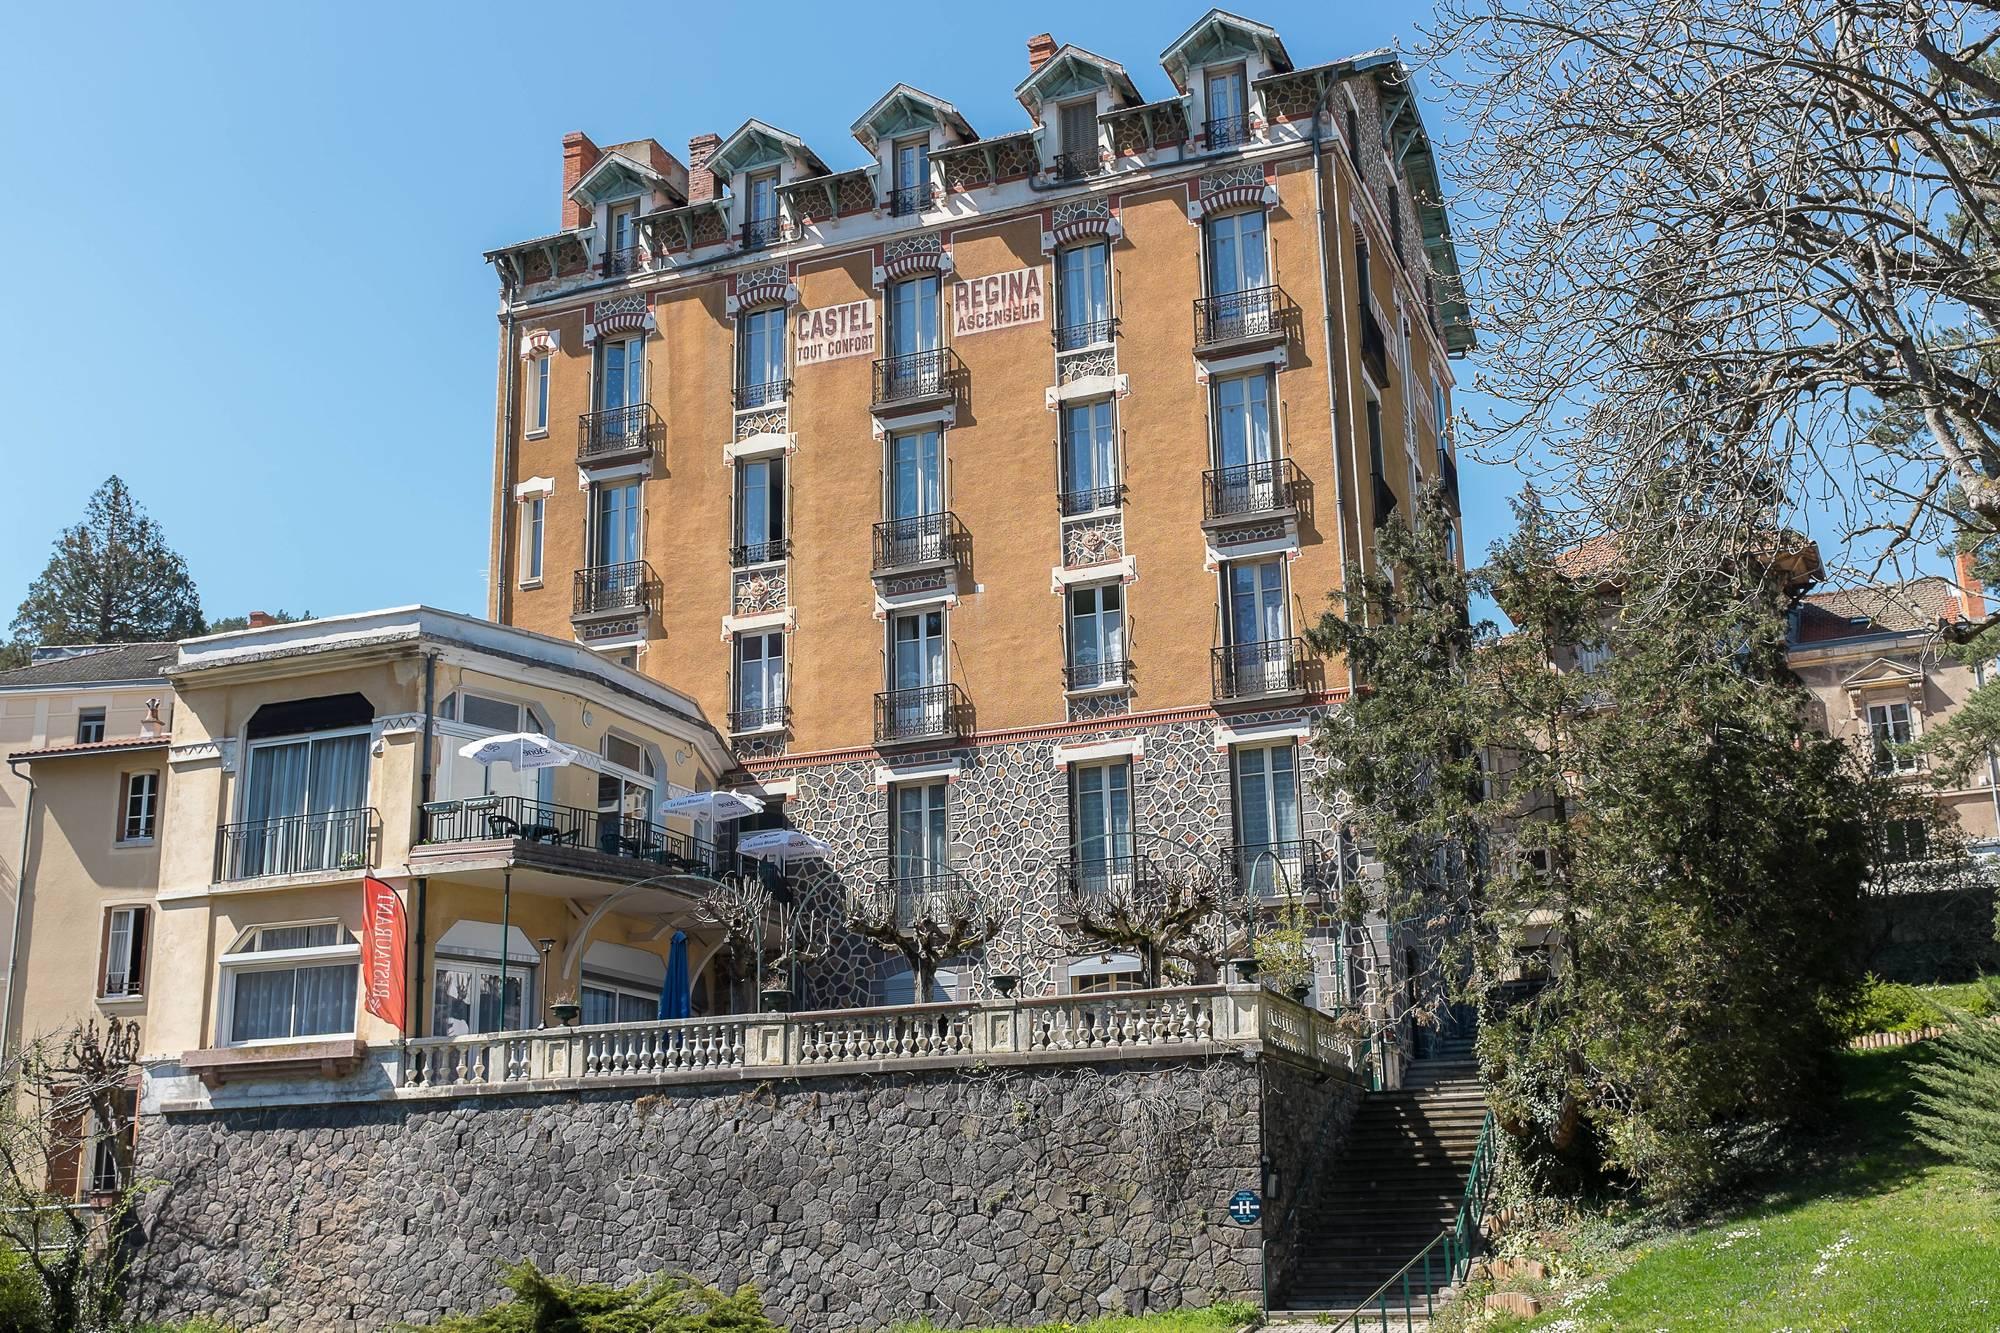 Castel régina